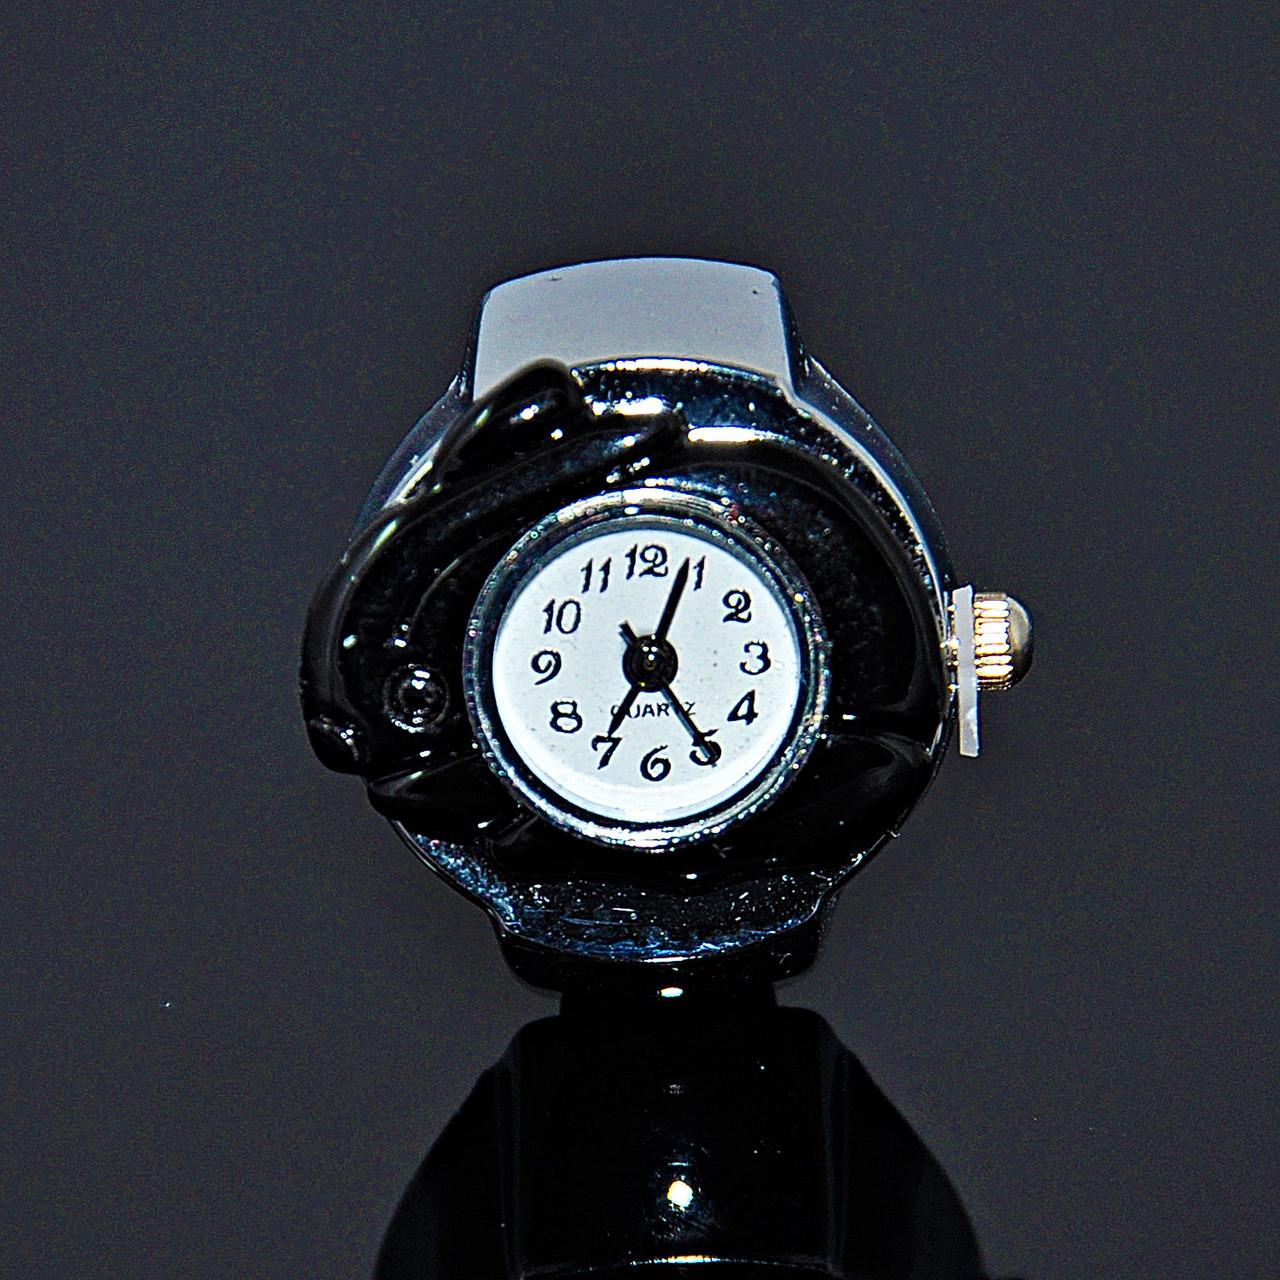 Купить часы gloria скелетоны часы из китая отзывы